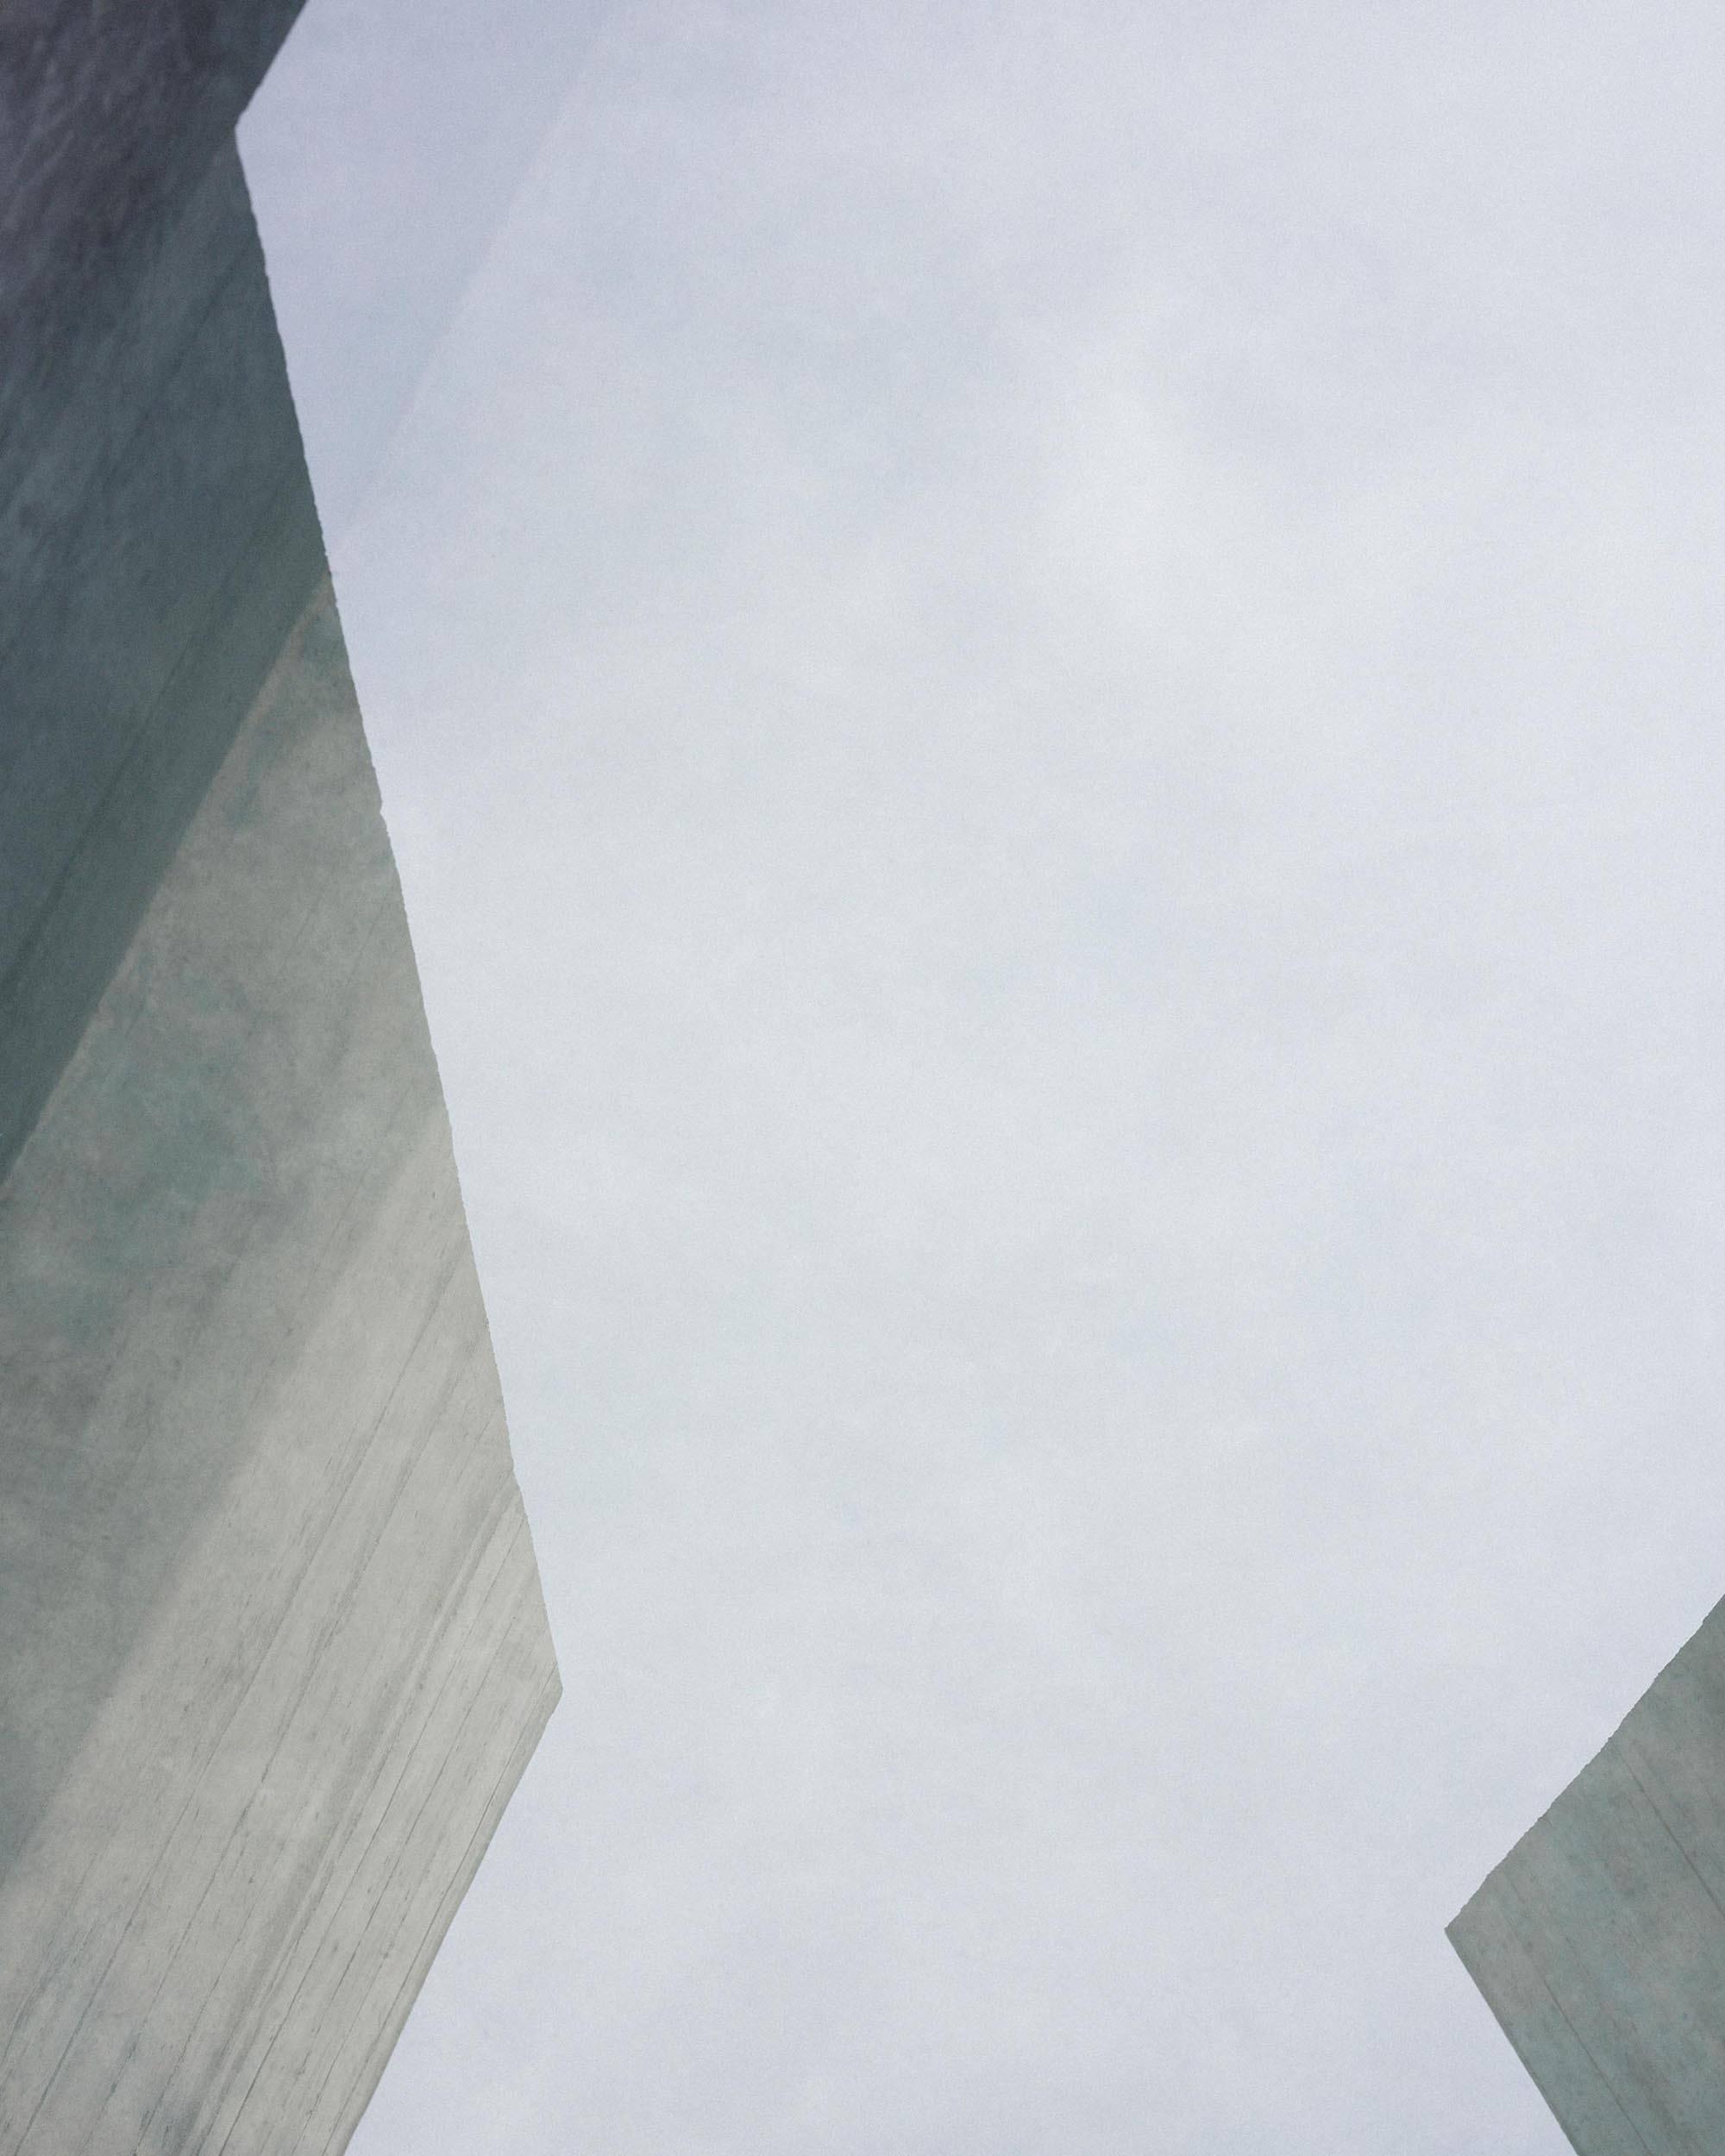 iGNANT-Architecture-Ludwig-Godefroy-Zicatela-House-023